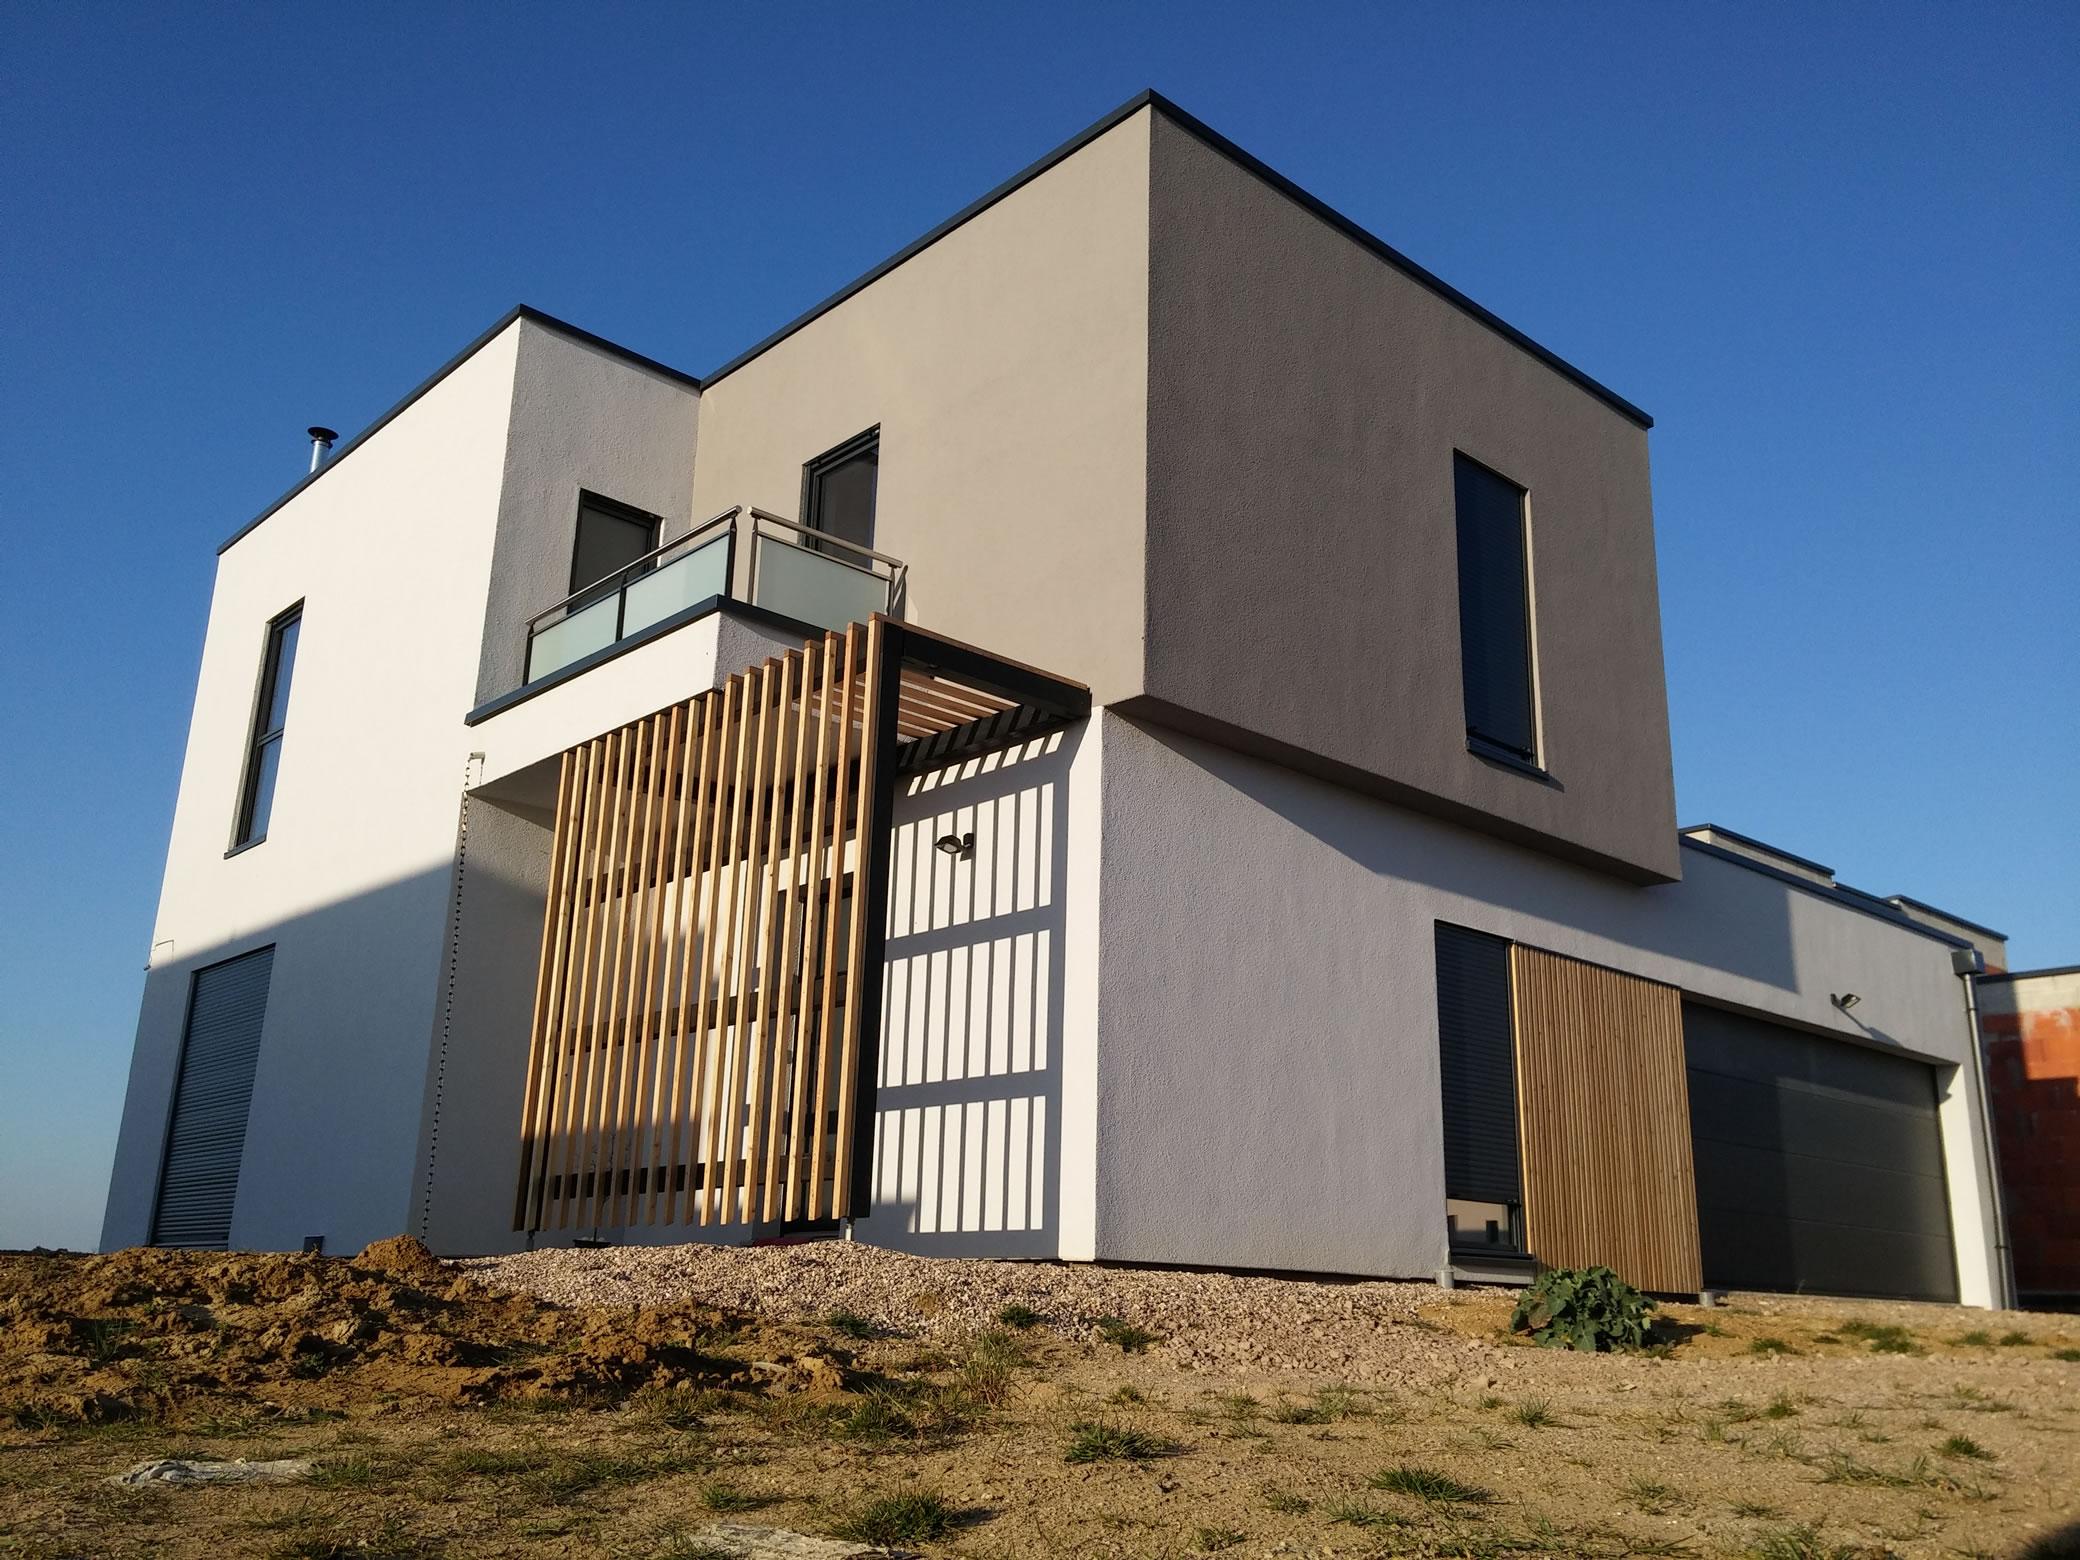 Cuvry r 1 147m2 maison ossature bois for Maison structure bois